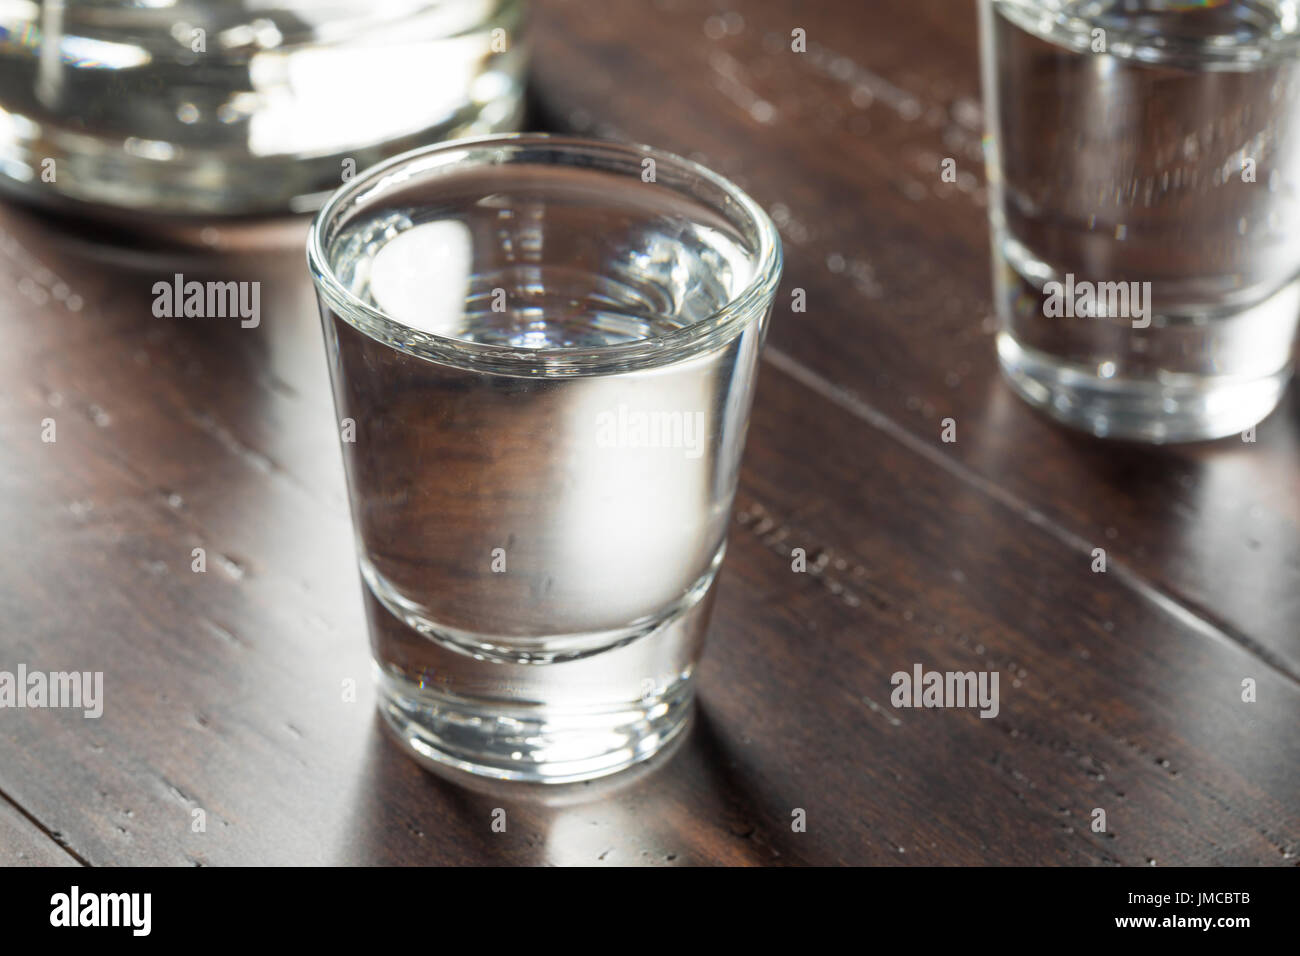 Effacer les coups de vodka russe prêt à boire Photo Stock